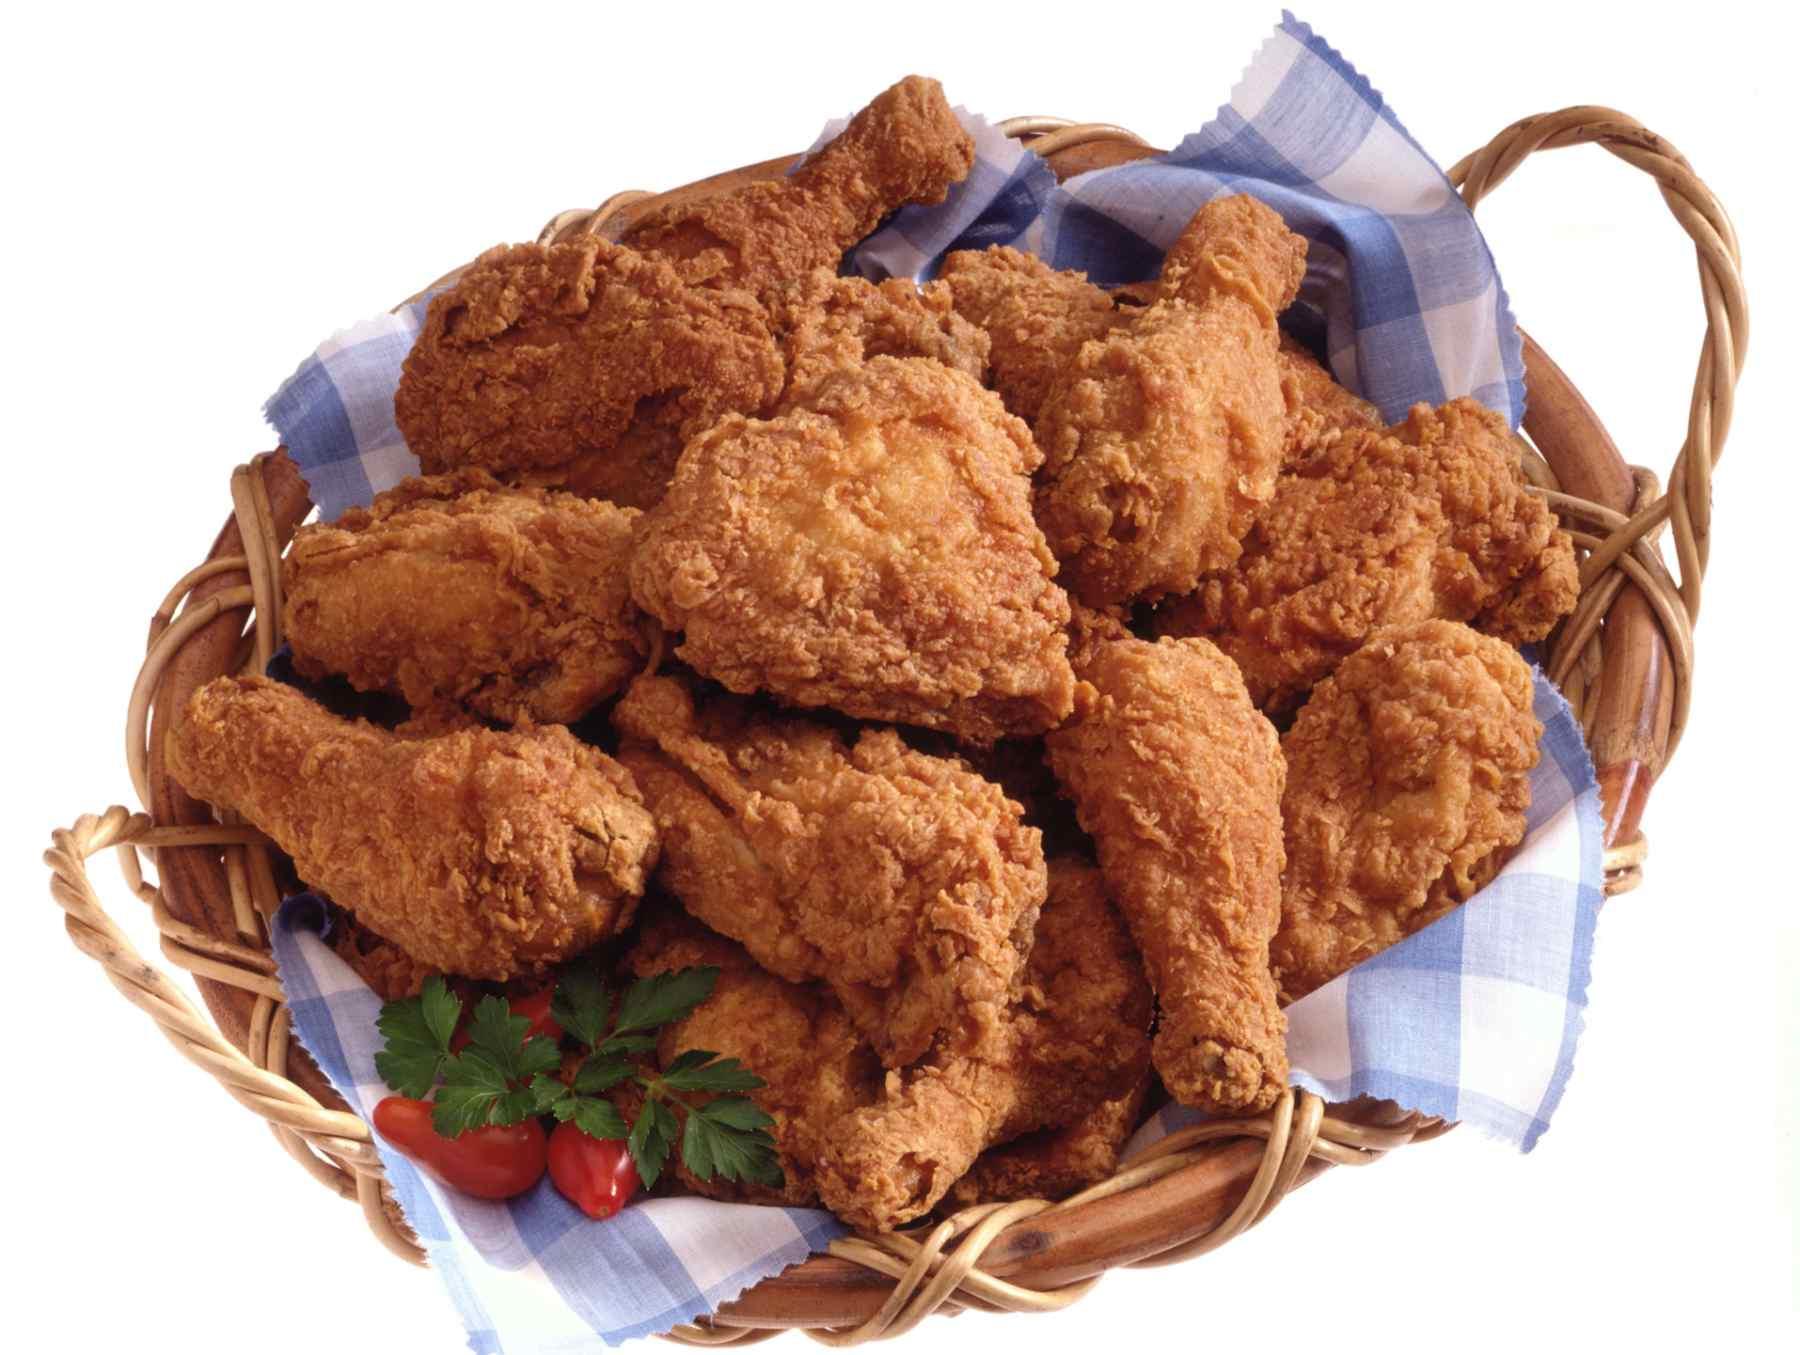 Fried chicken legs in a basket